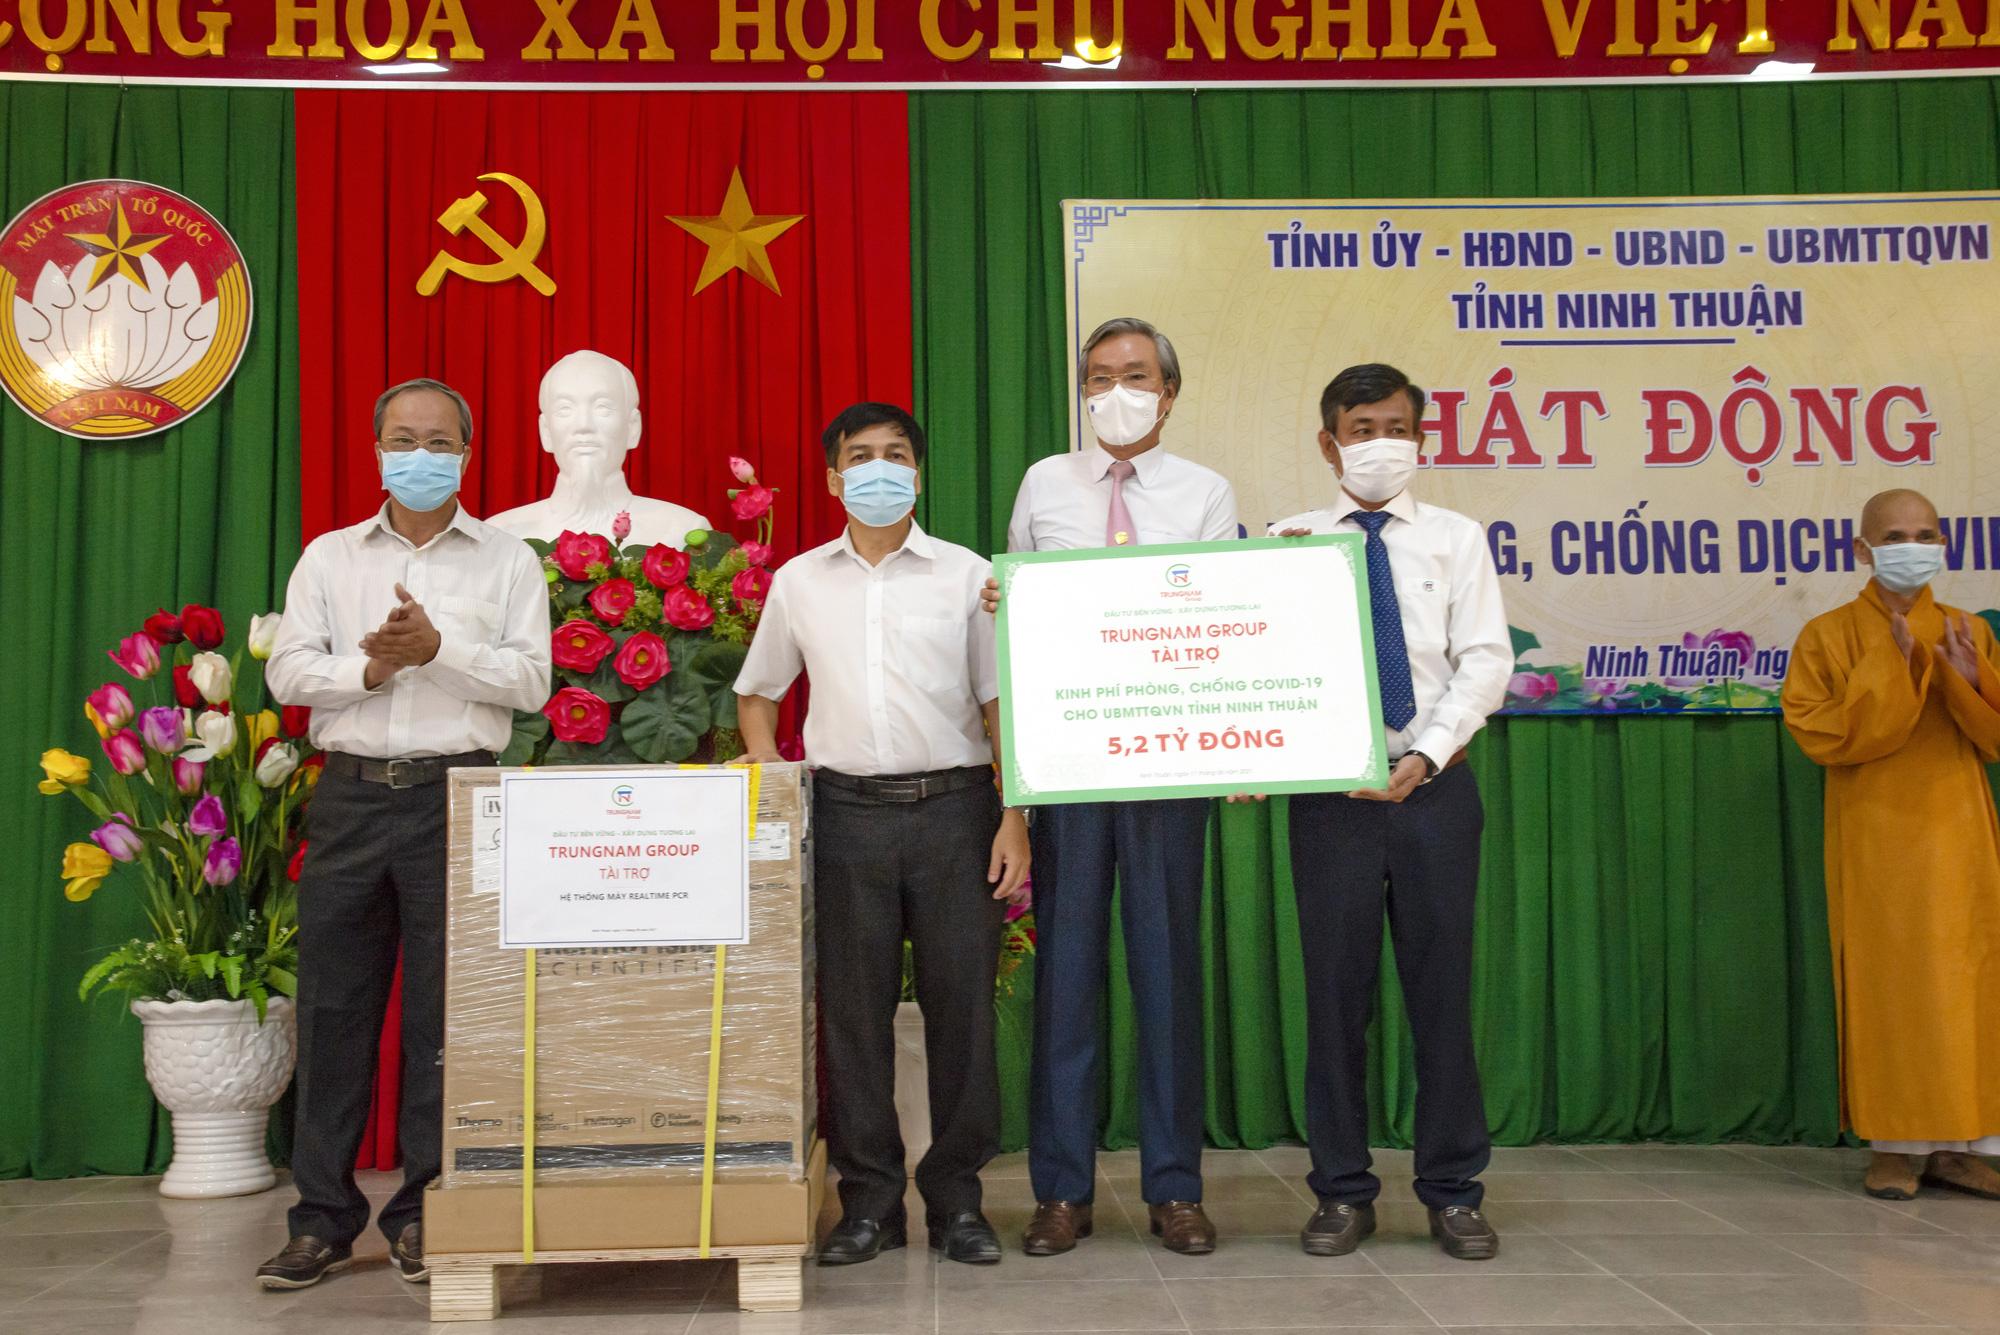 Ninh Thuận: Trungnam Group tặng 5,2 tỷ đồng mua vaccine, hỗ trợ phòng chống dịch Covid-19  - Ảnh 1.